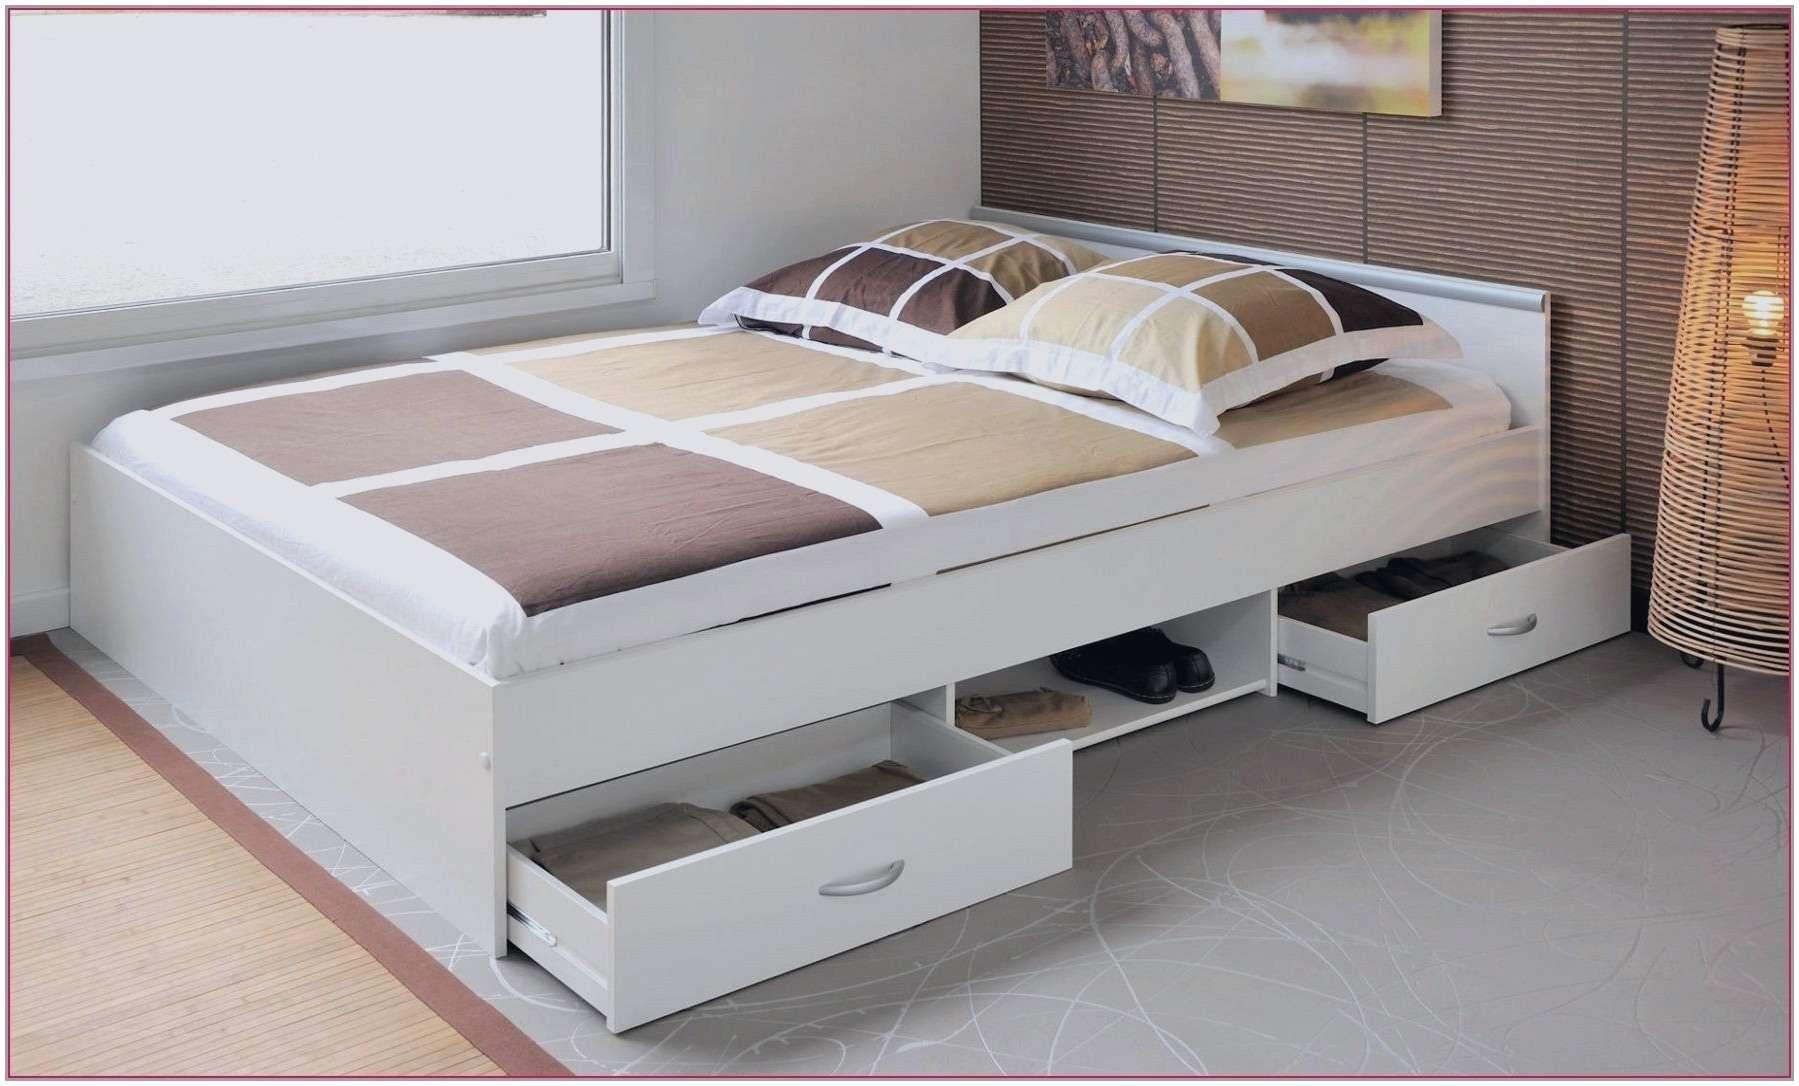 Lit Ado 2 Places Le Luxe 57 Mezzanine Ado Concept Jongor4hire